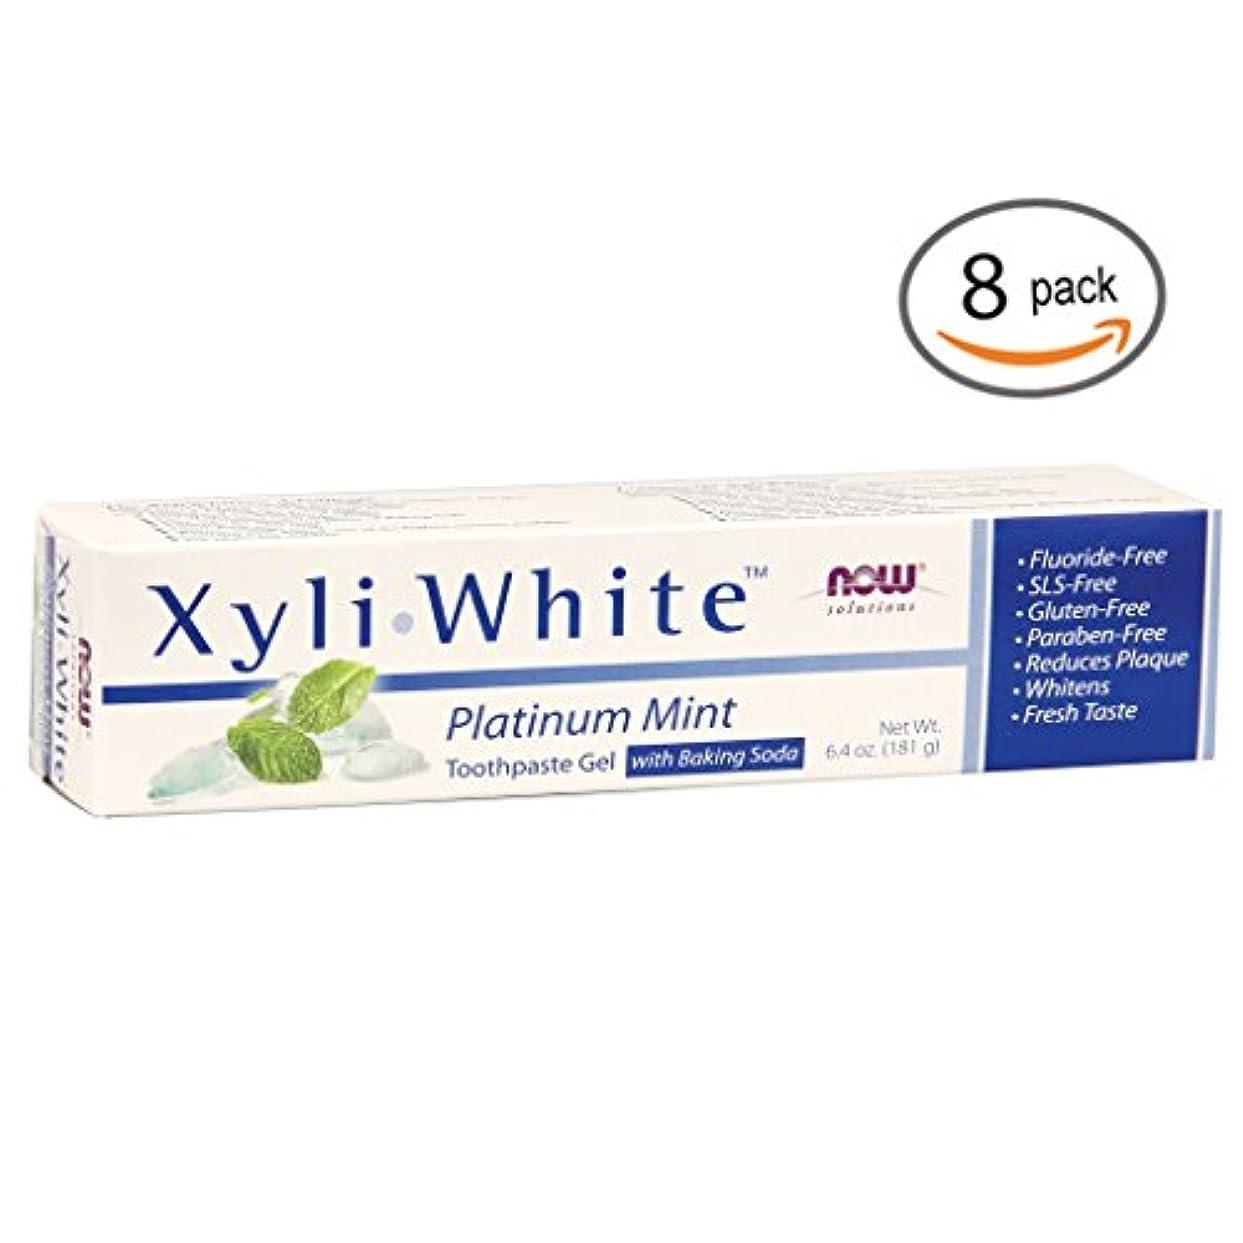 アルバム驚き空洞キシリホワイト 歯磨き粉  プラチナミント+ベーキングソーダ 182g 2個パック